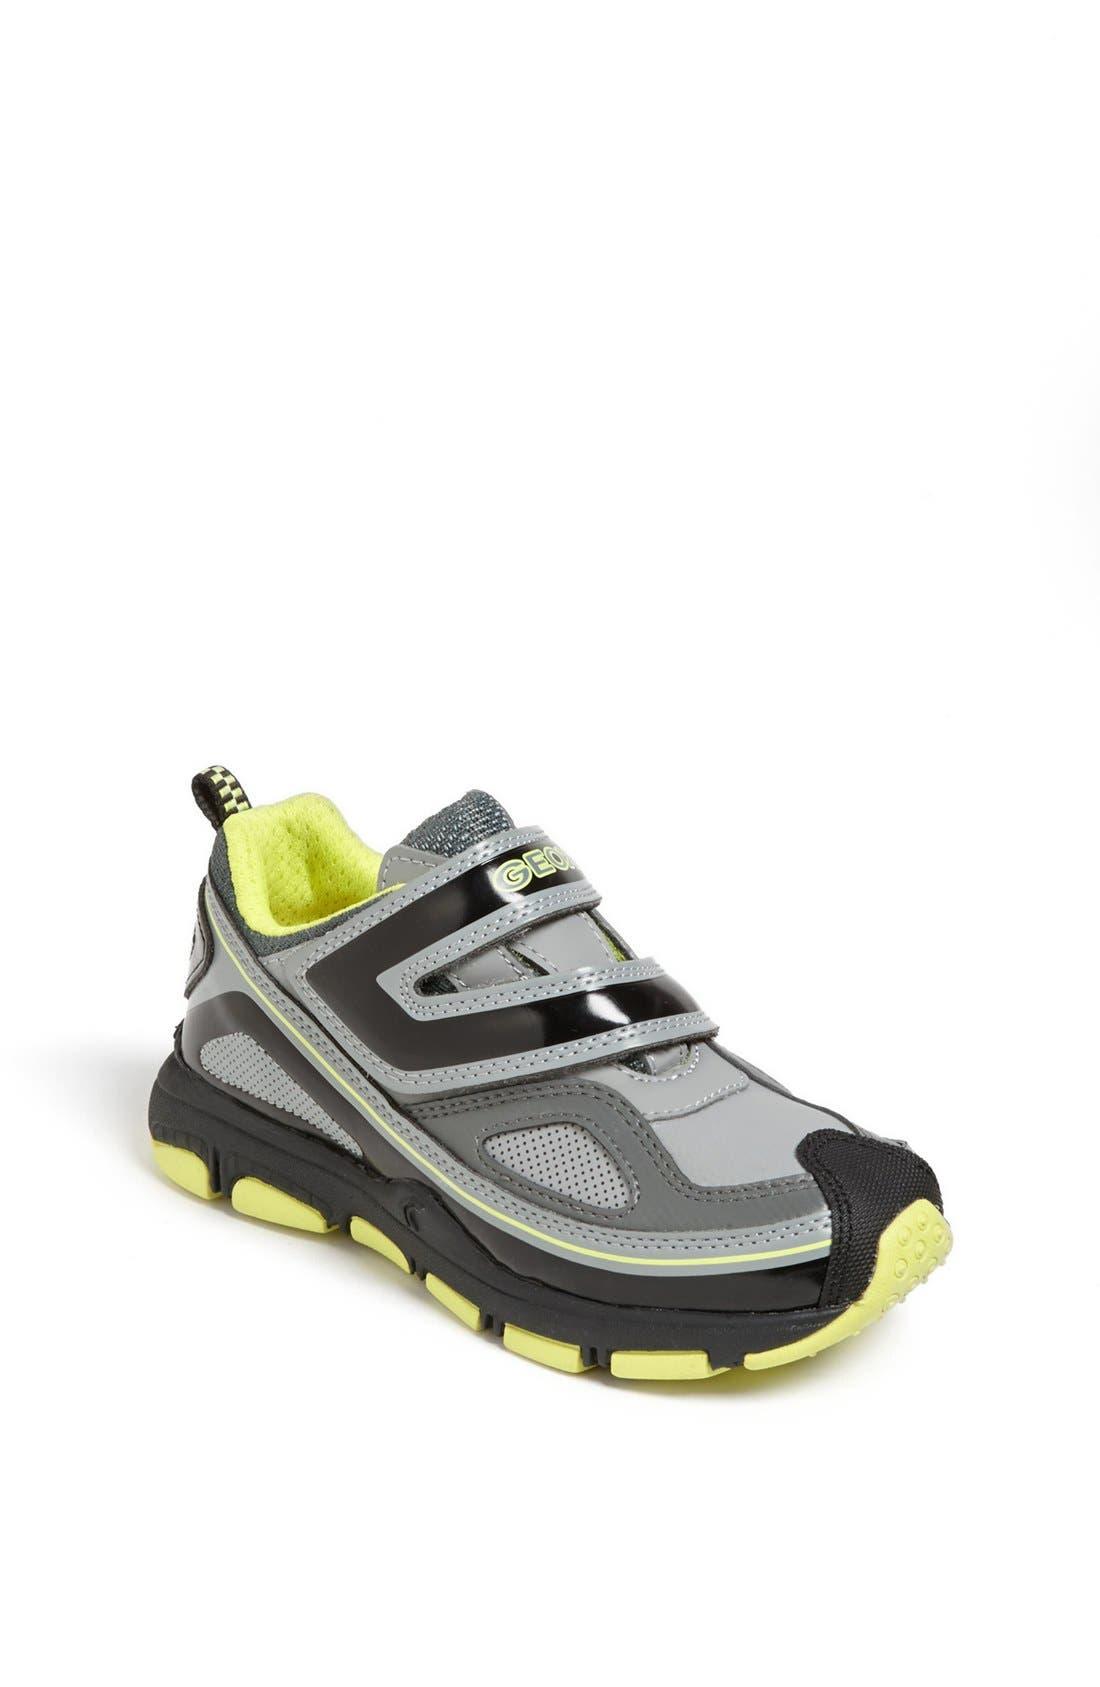 Alternate Image 1 Selected - Geox 'Torque 4' Sneaker (Toddler, Little Kid & Big Kid)